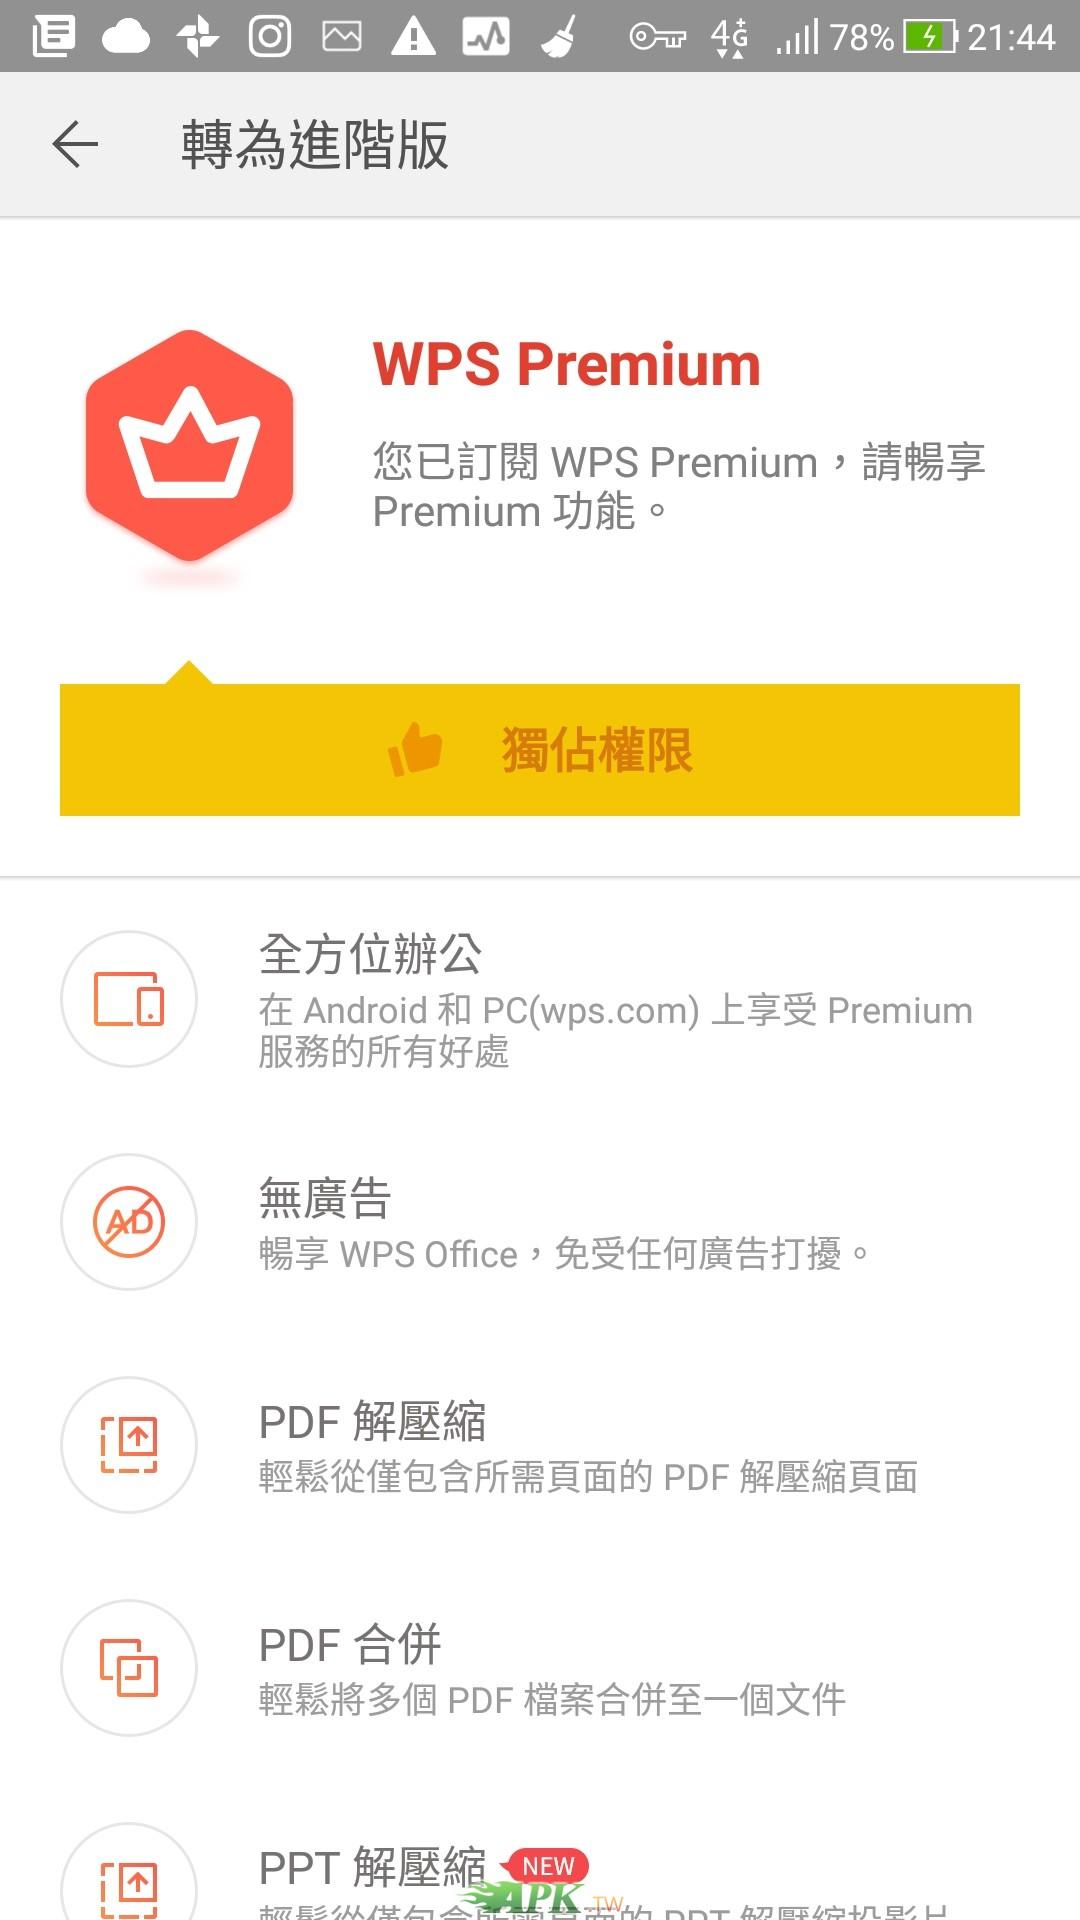 Screenshot_20181017-214408.jpg